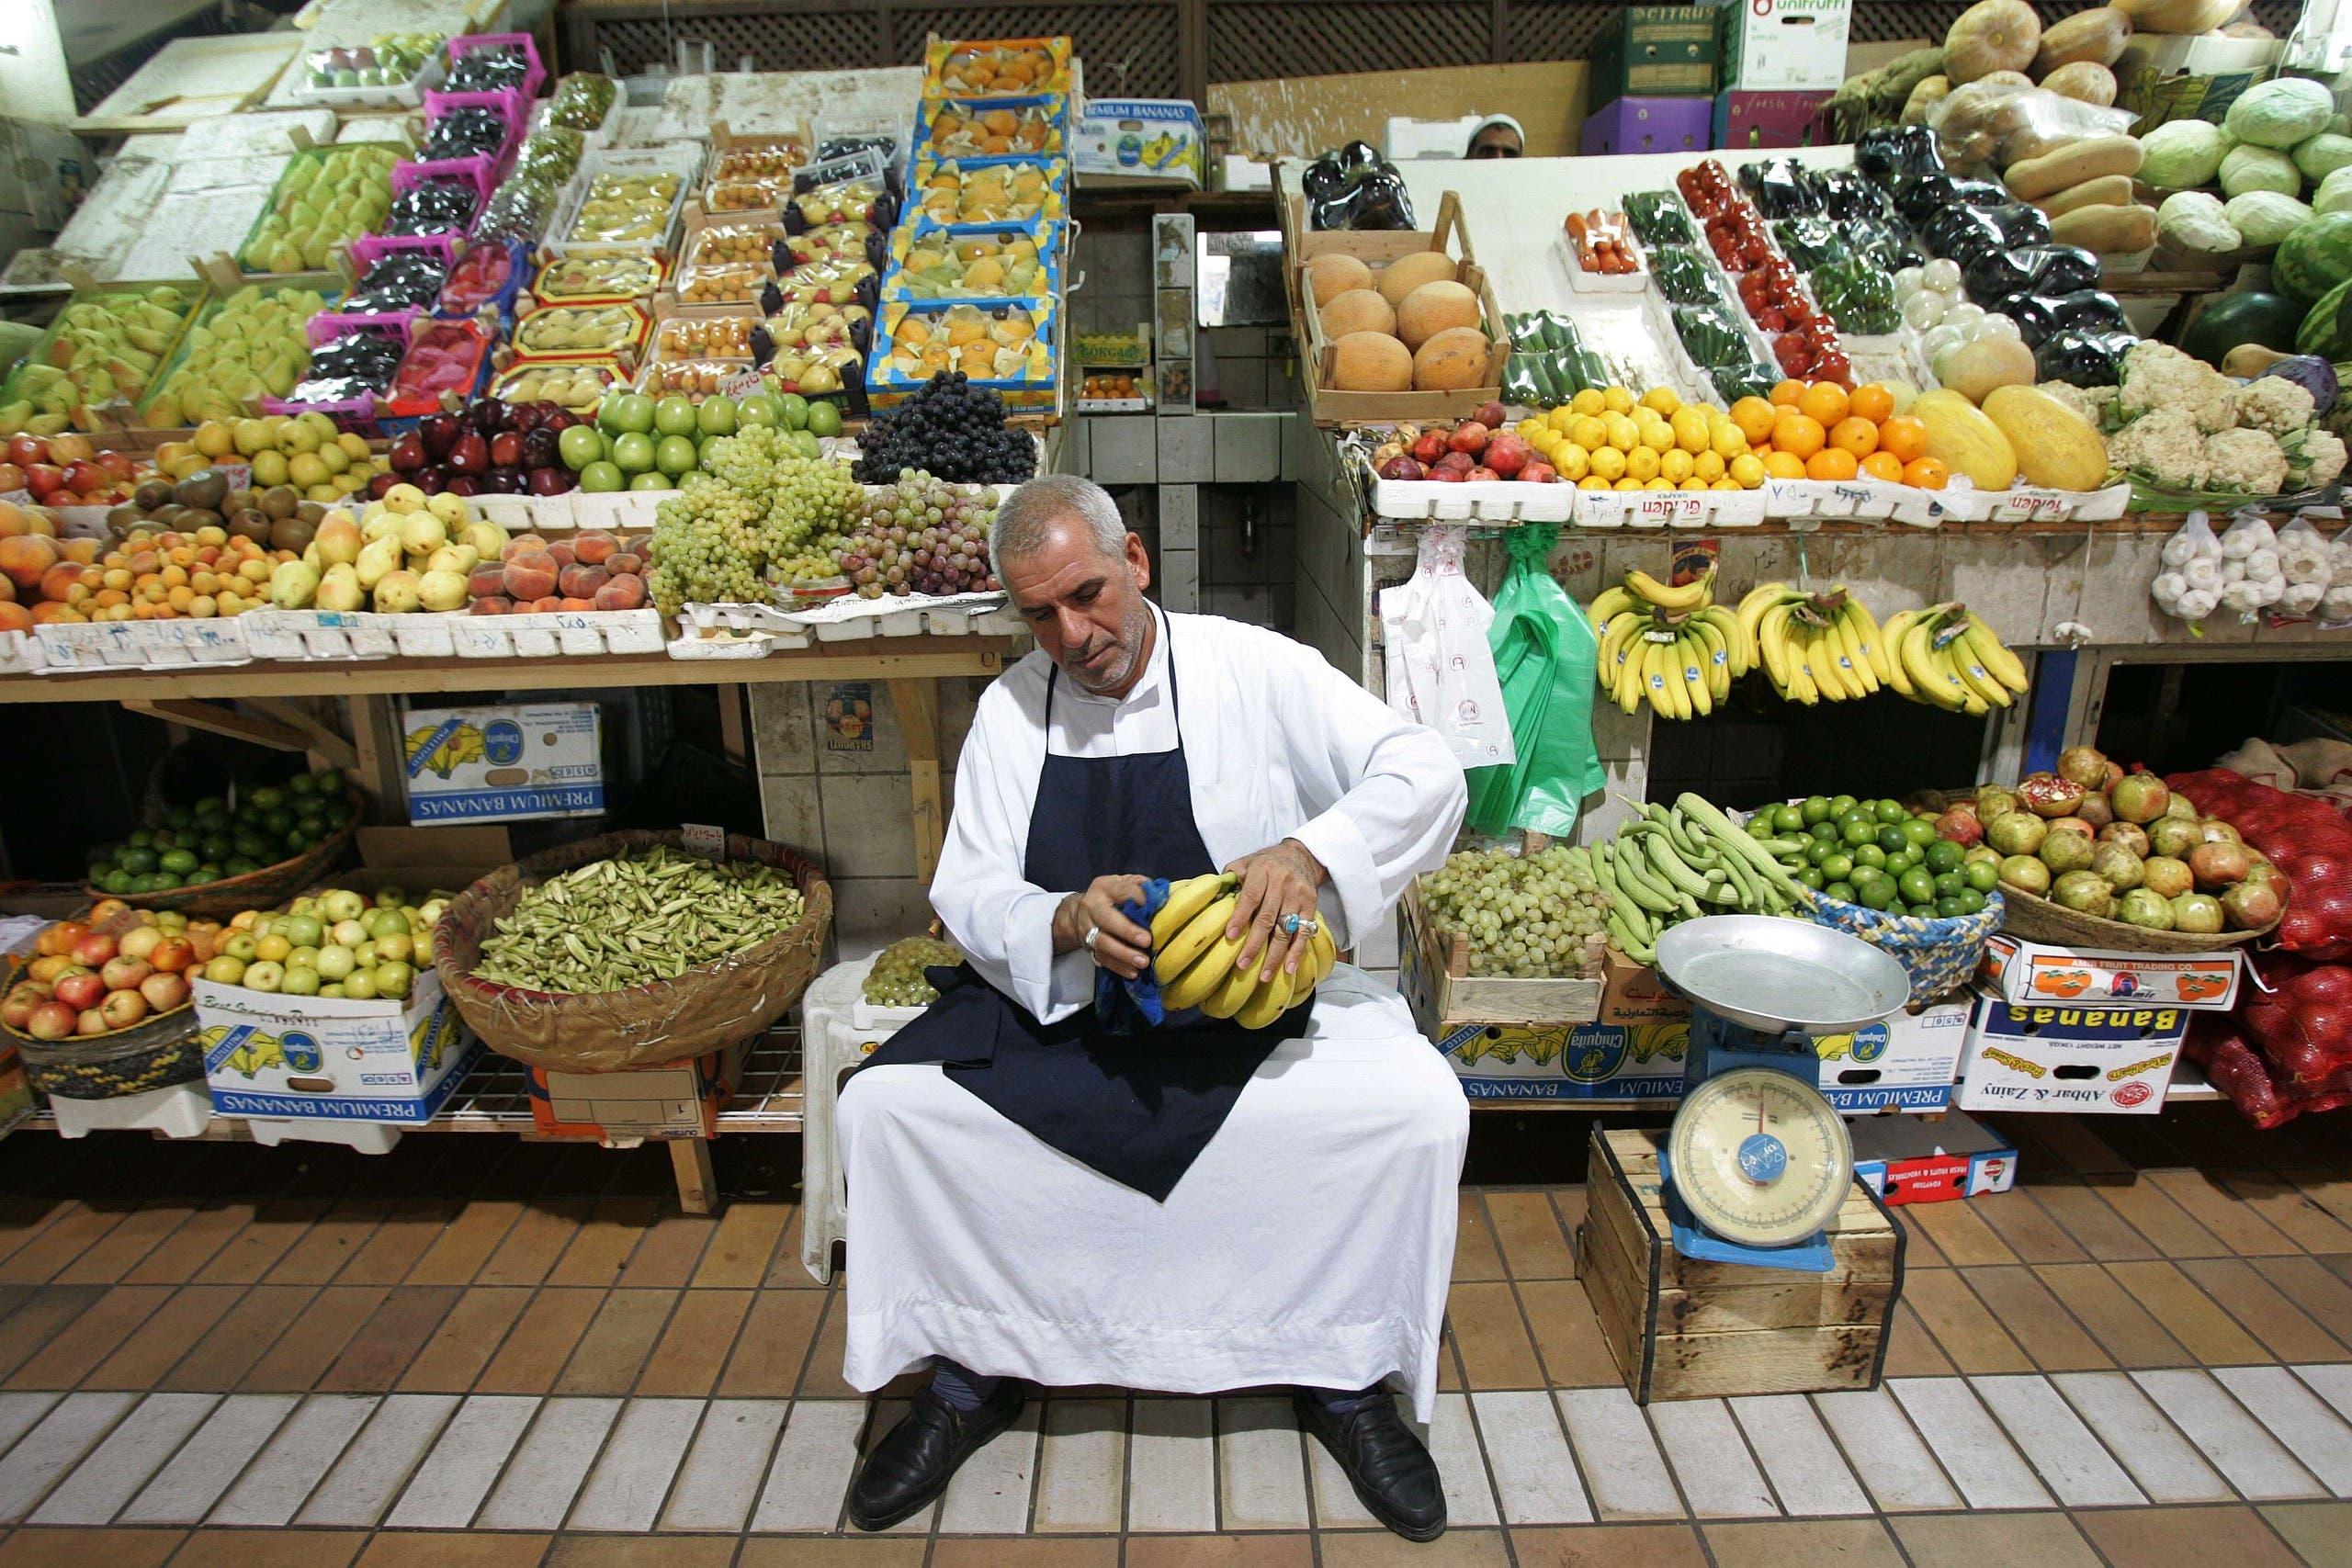 سوق للخضار والفواكه في الكويت (أرشيفية)